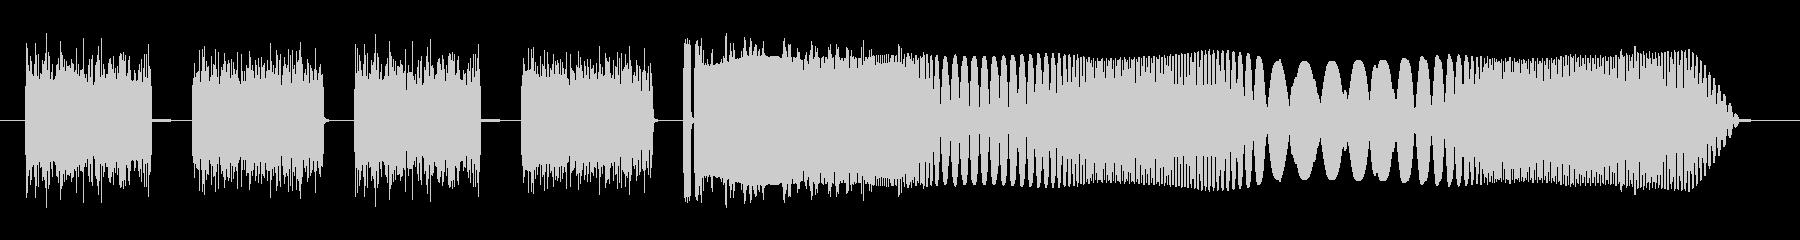 静的信号スワイプ2のザッピングの未再生の波形